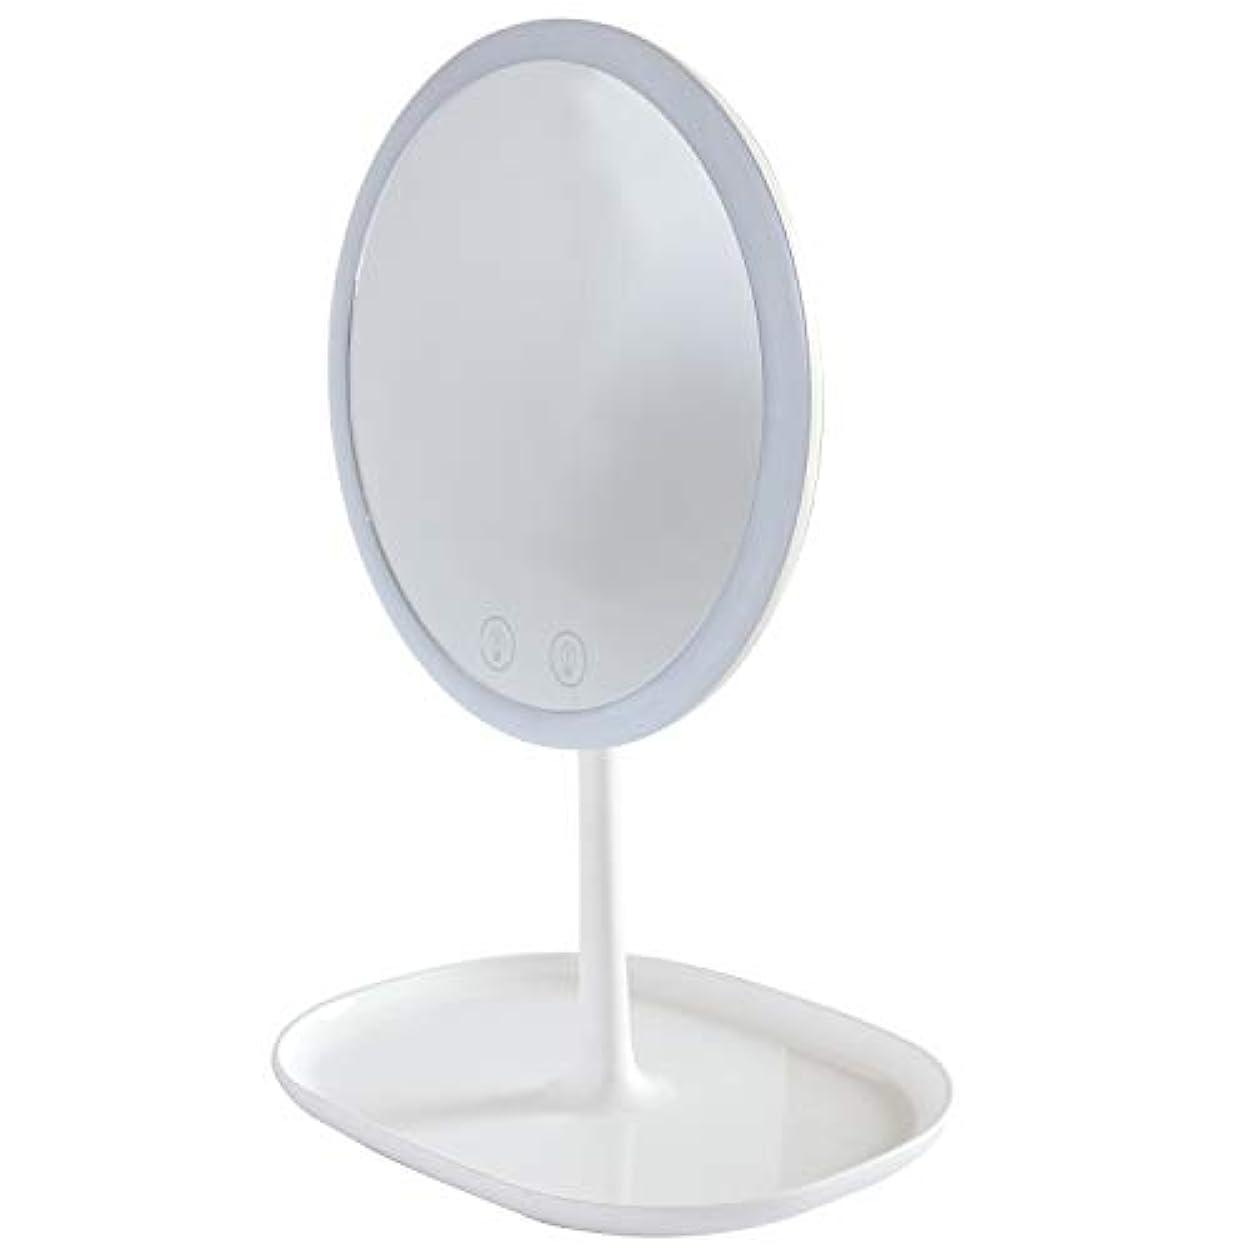 無視できる洗練された世紀Mouyor 化粧鏡***化粧鏡充電式LED、1 x / 5 x拡大、5倍拡大鏡 LEDライト付き 卓上鏡 3色の照明モード(ホワイト)